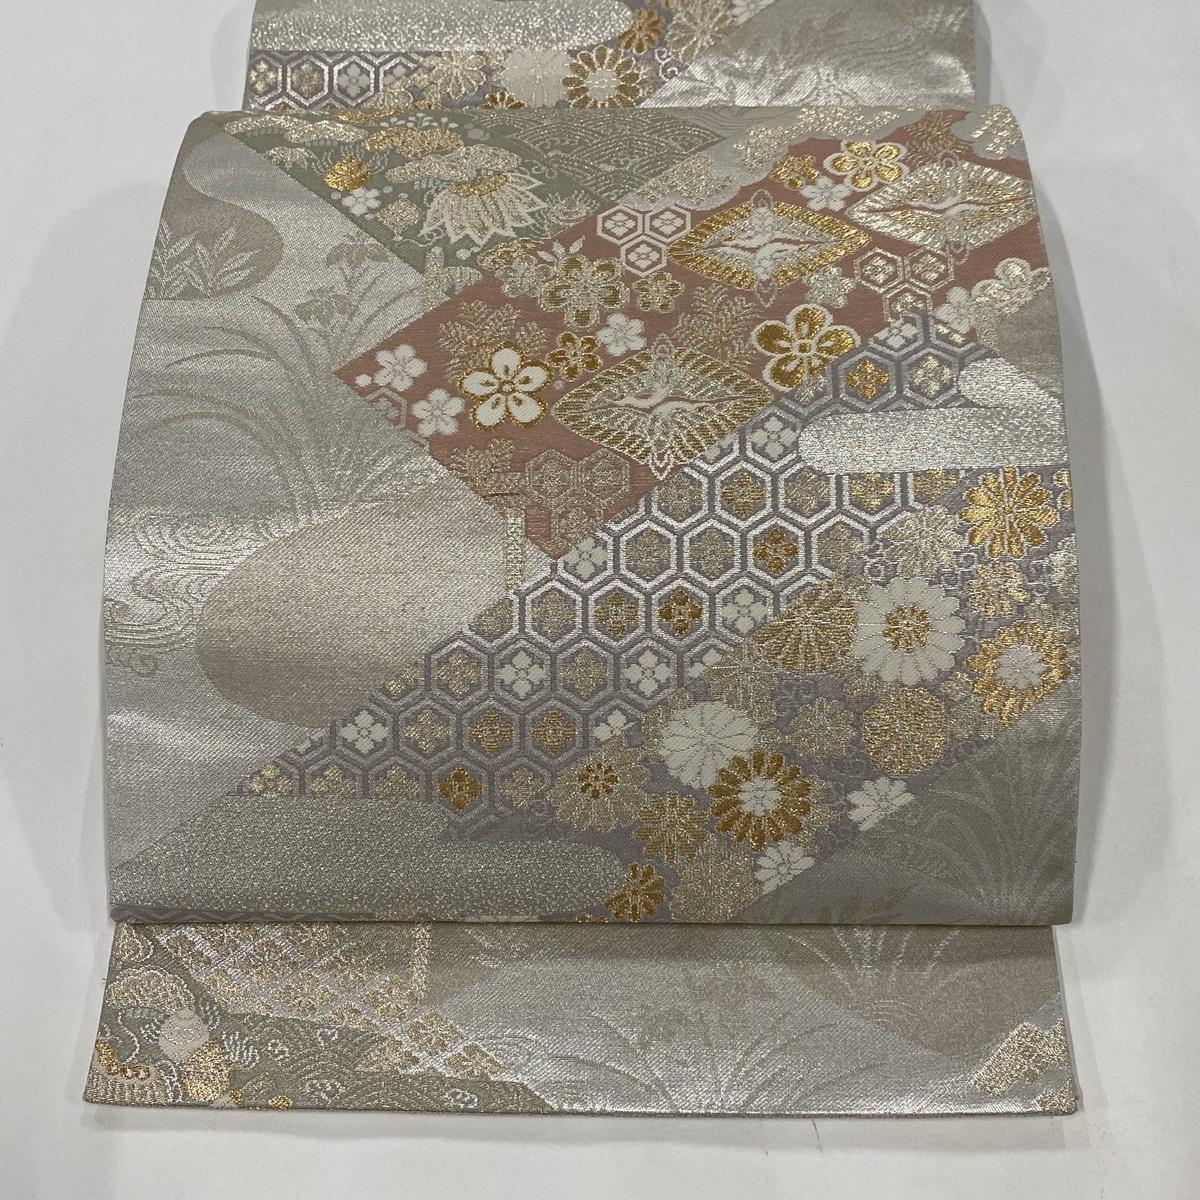 袋帯 美品 秀品 梅 鶴菱 金銀糸 箔 銀色 六通 正絹 【中古】